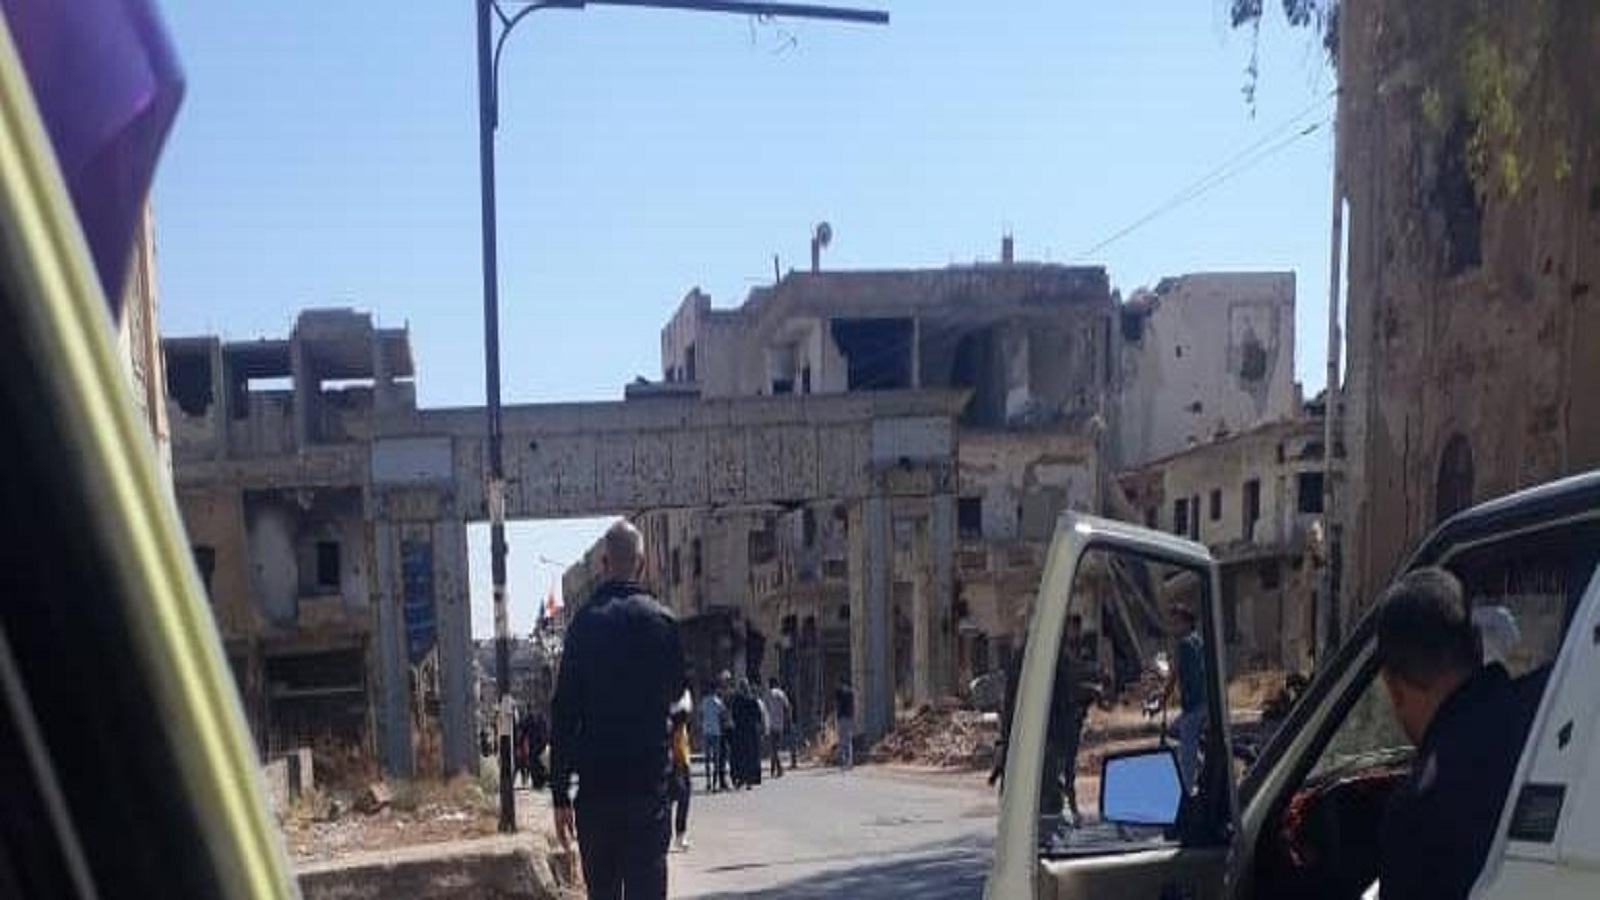 عاجل .. النظام يصر على تهجير مجموعة من شباب درعا إلى الشمال السوري